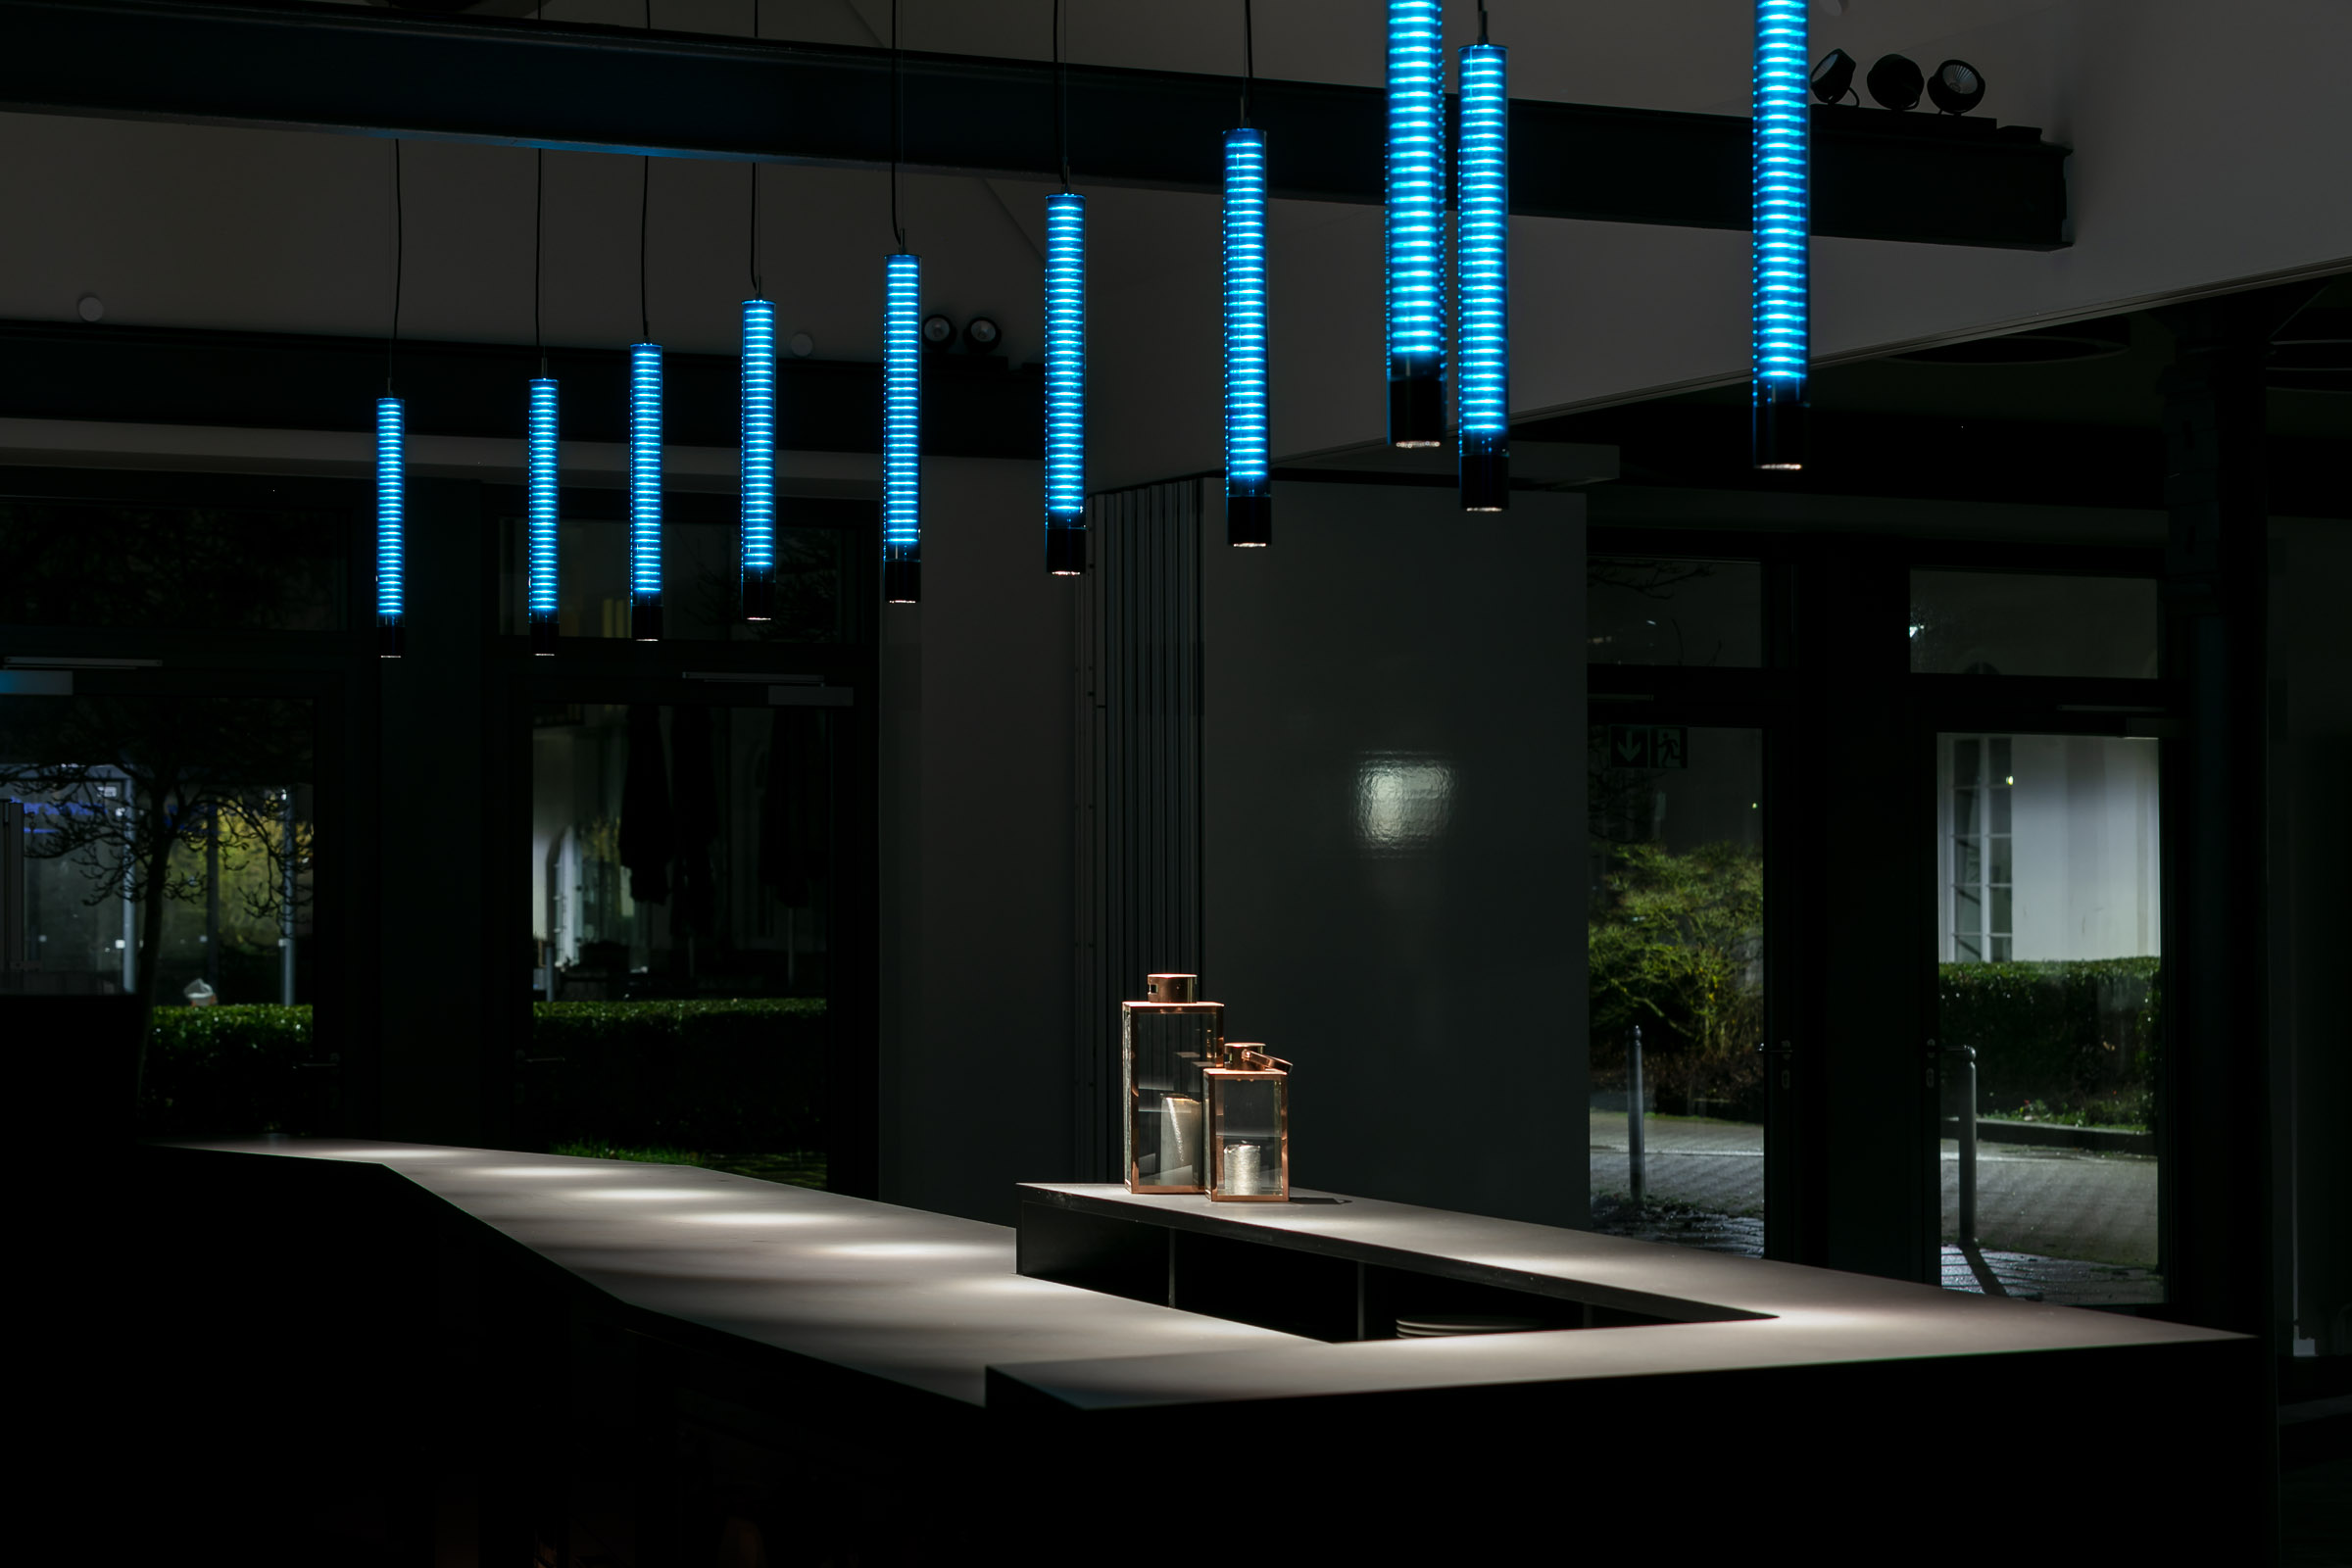 Schware Bar in dunklem Raum mit türkis leuchtenden Glas-Pendelleuchten